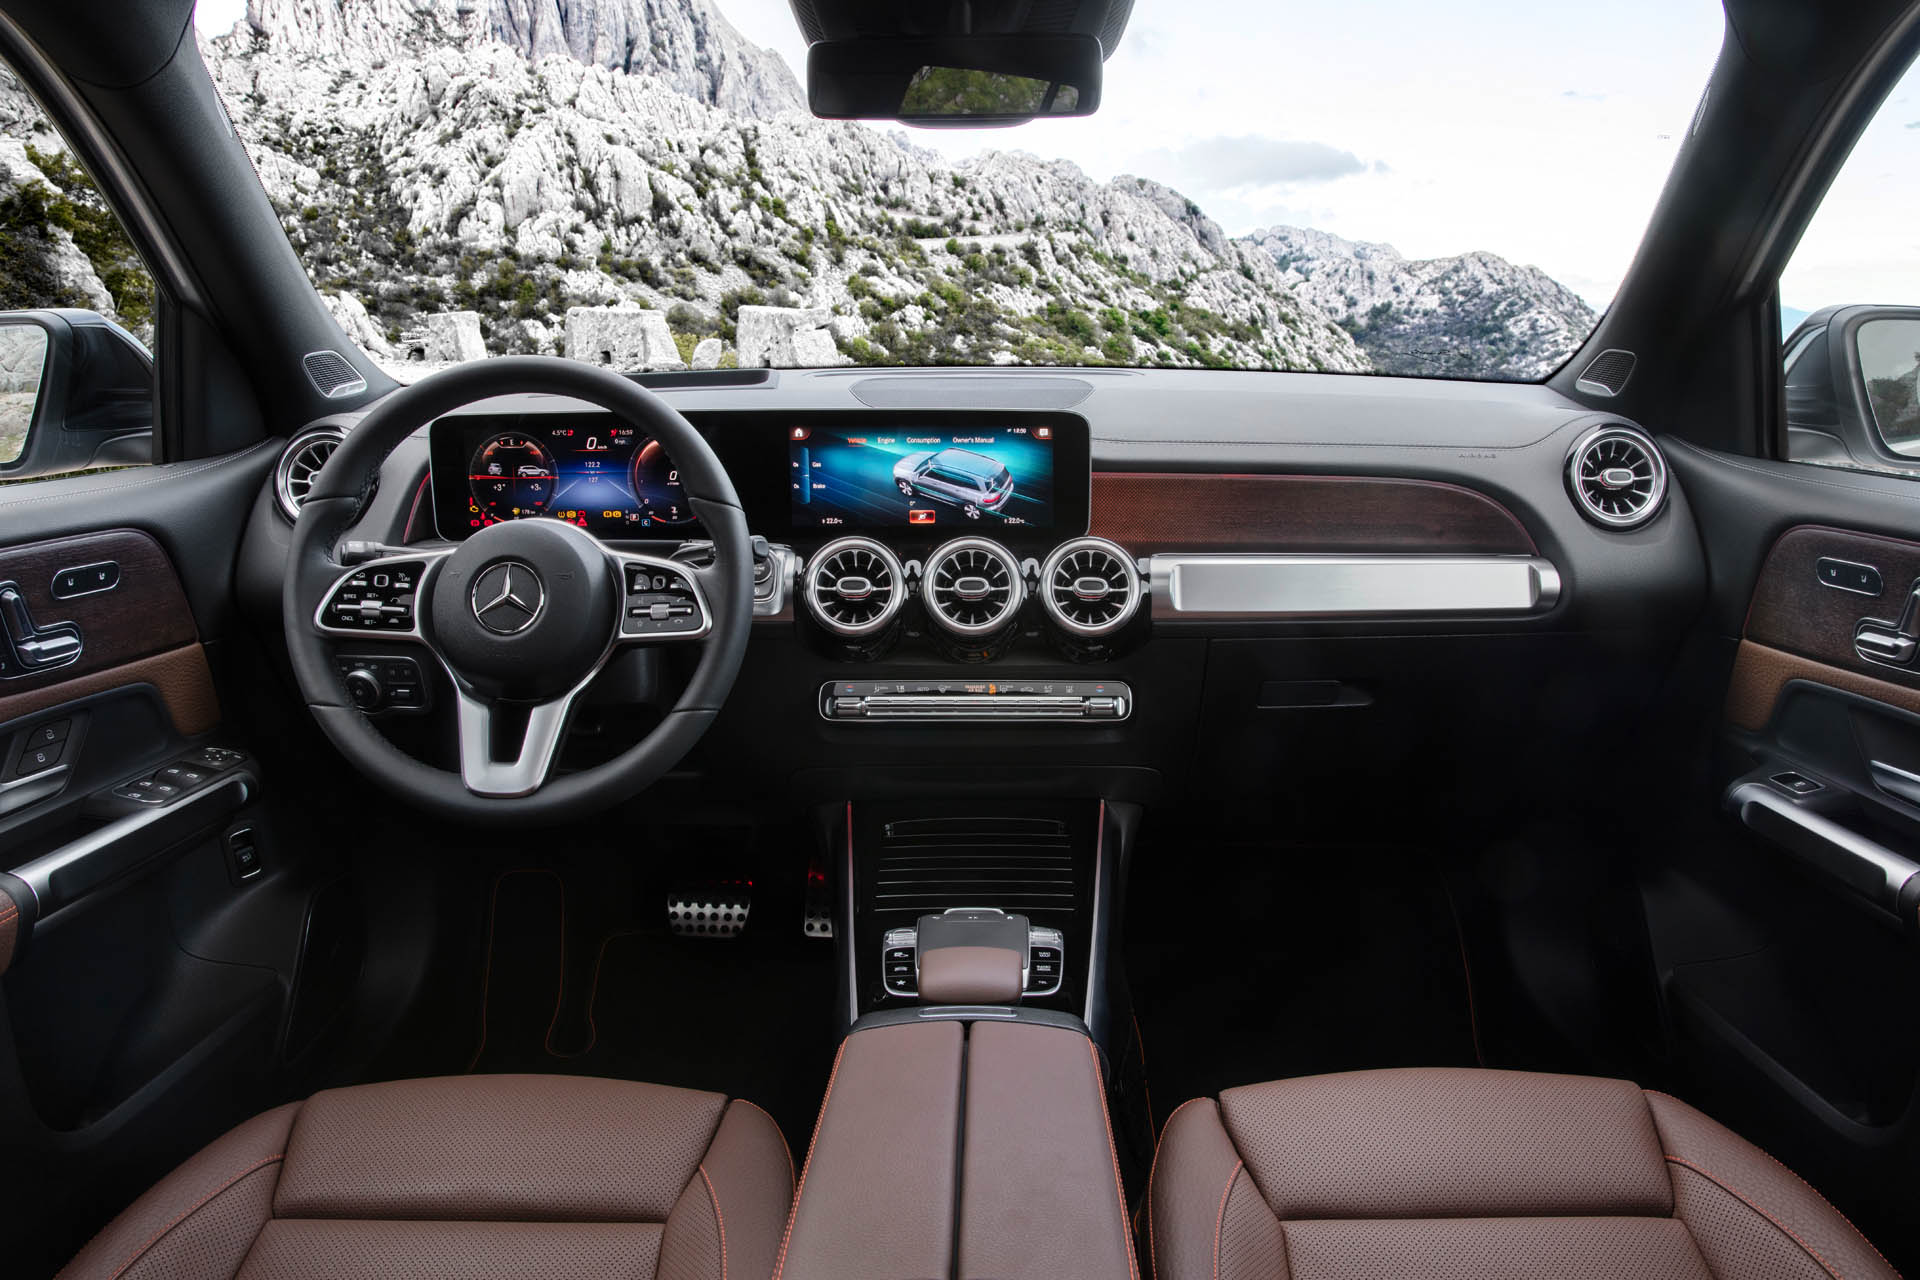 Mercedes-Benz GLB MBUX